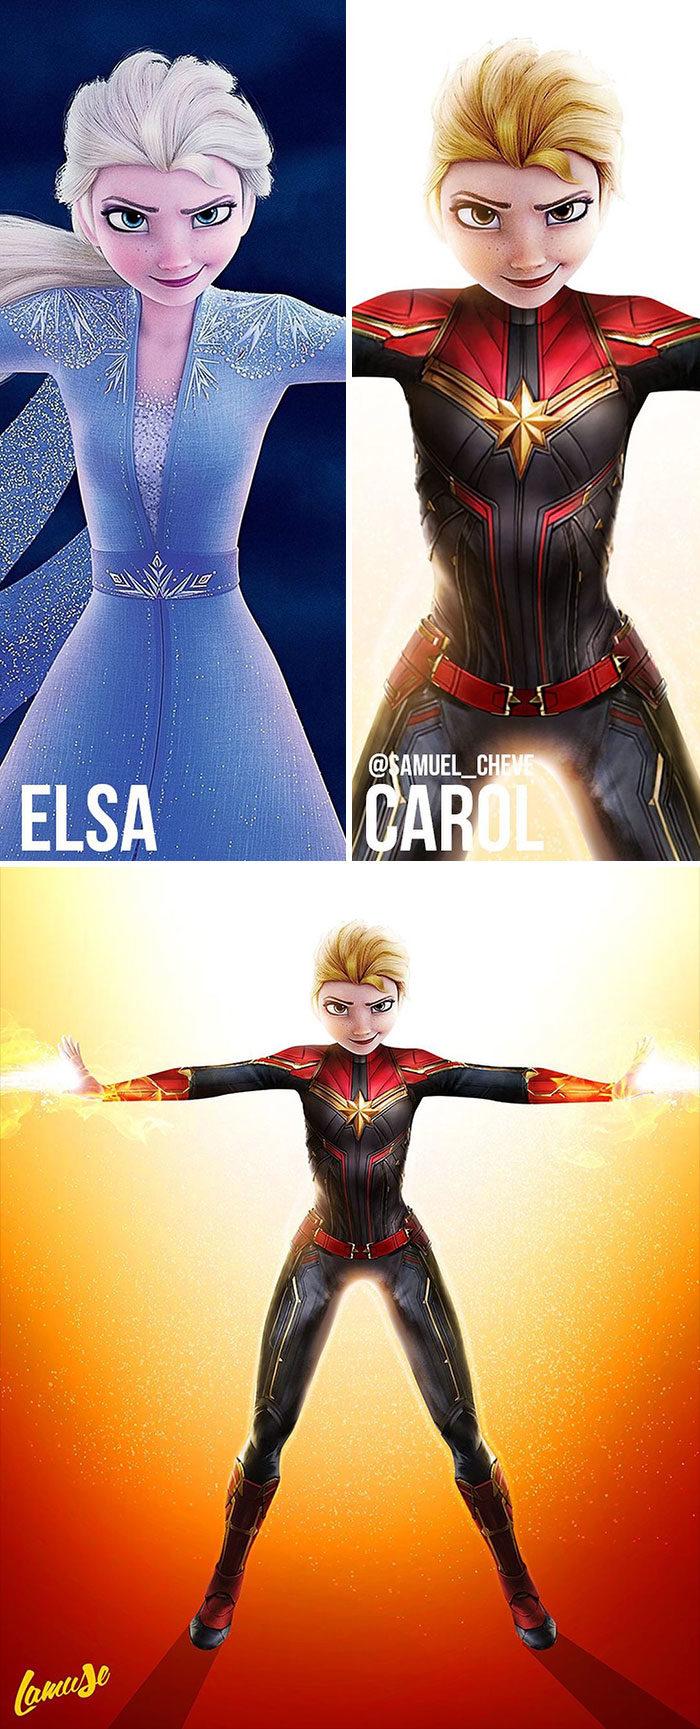 20張「迪士尼X漫威」帥氣插畫 艾莎「合體緋紅女巫」可以直接開拍了!